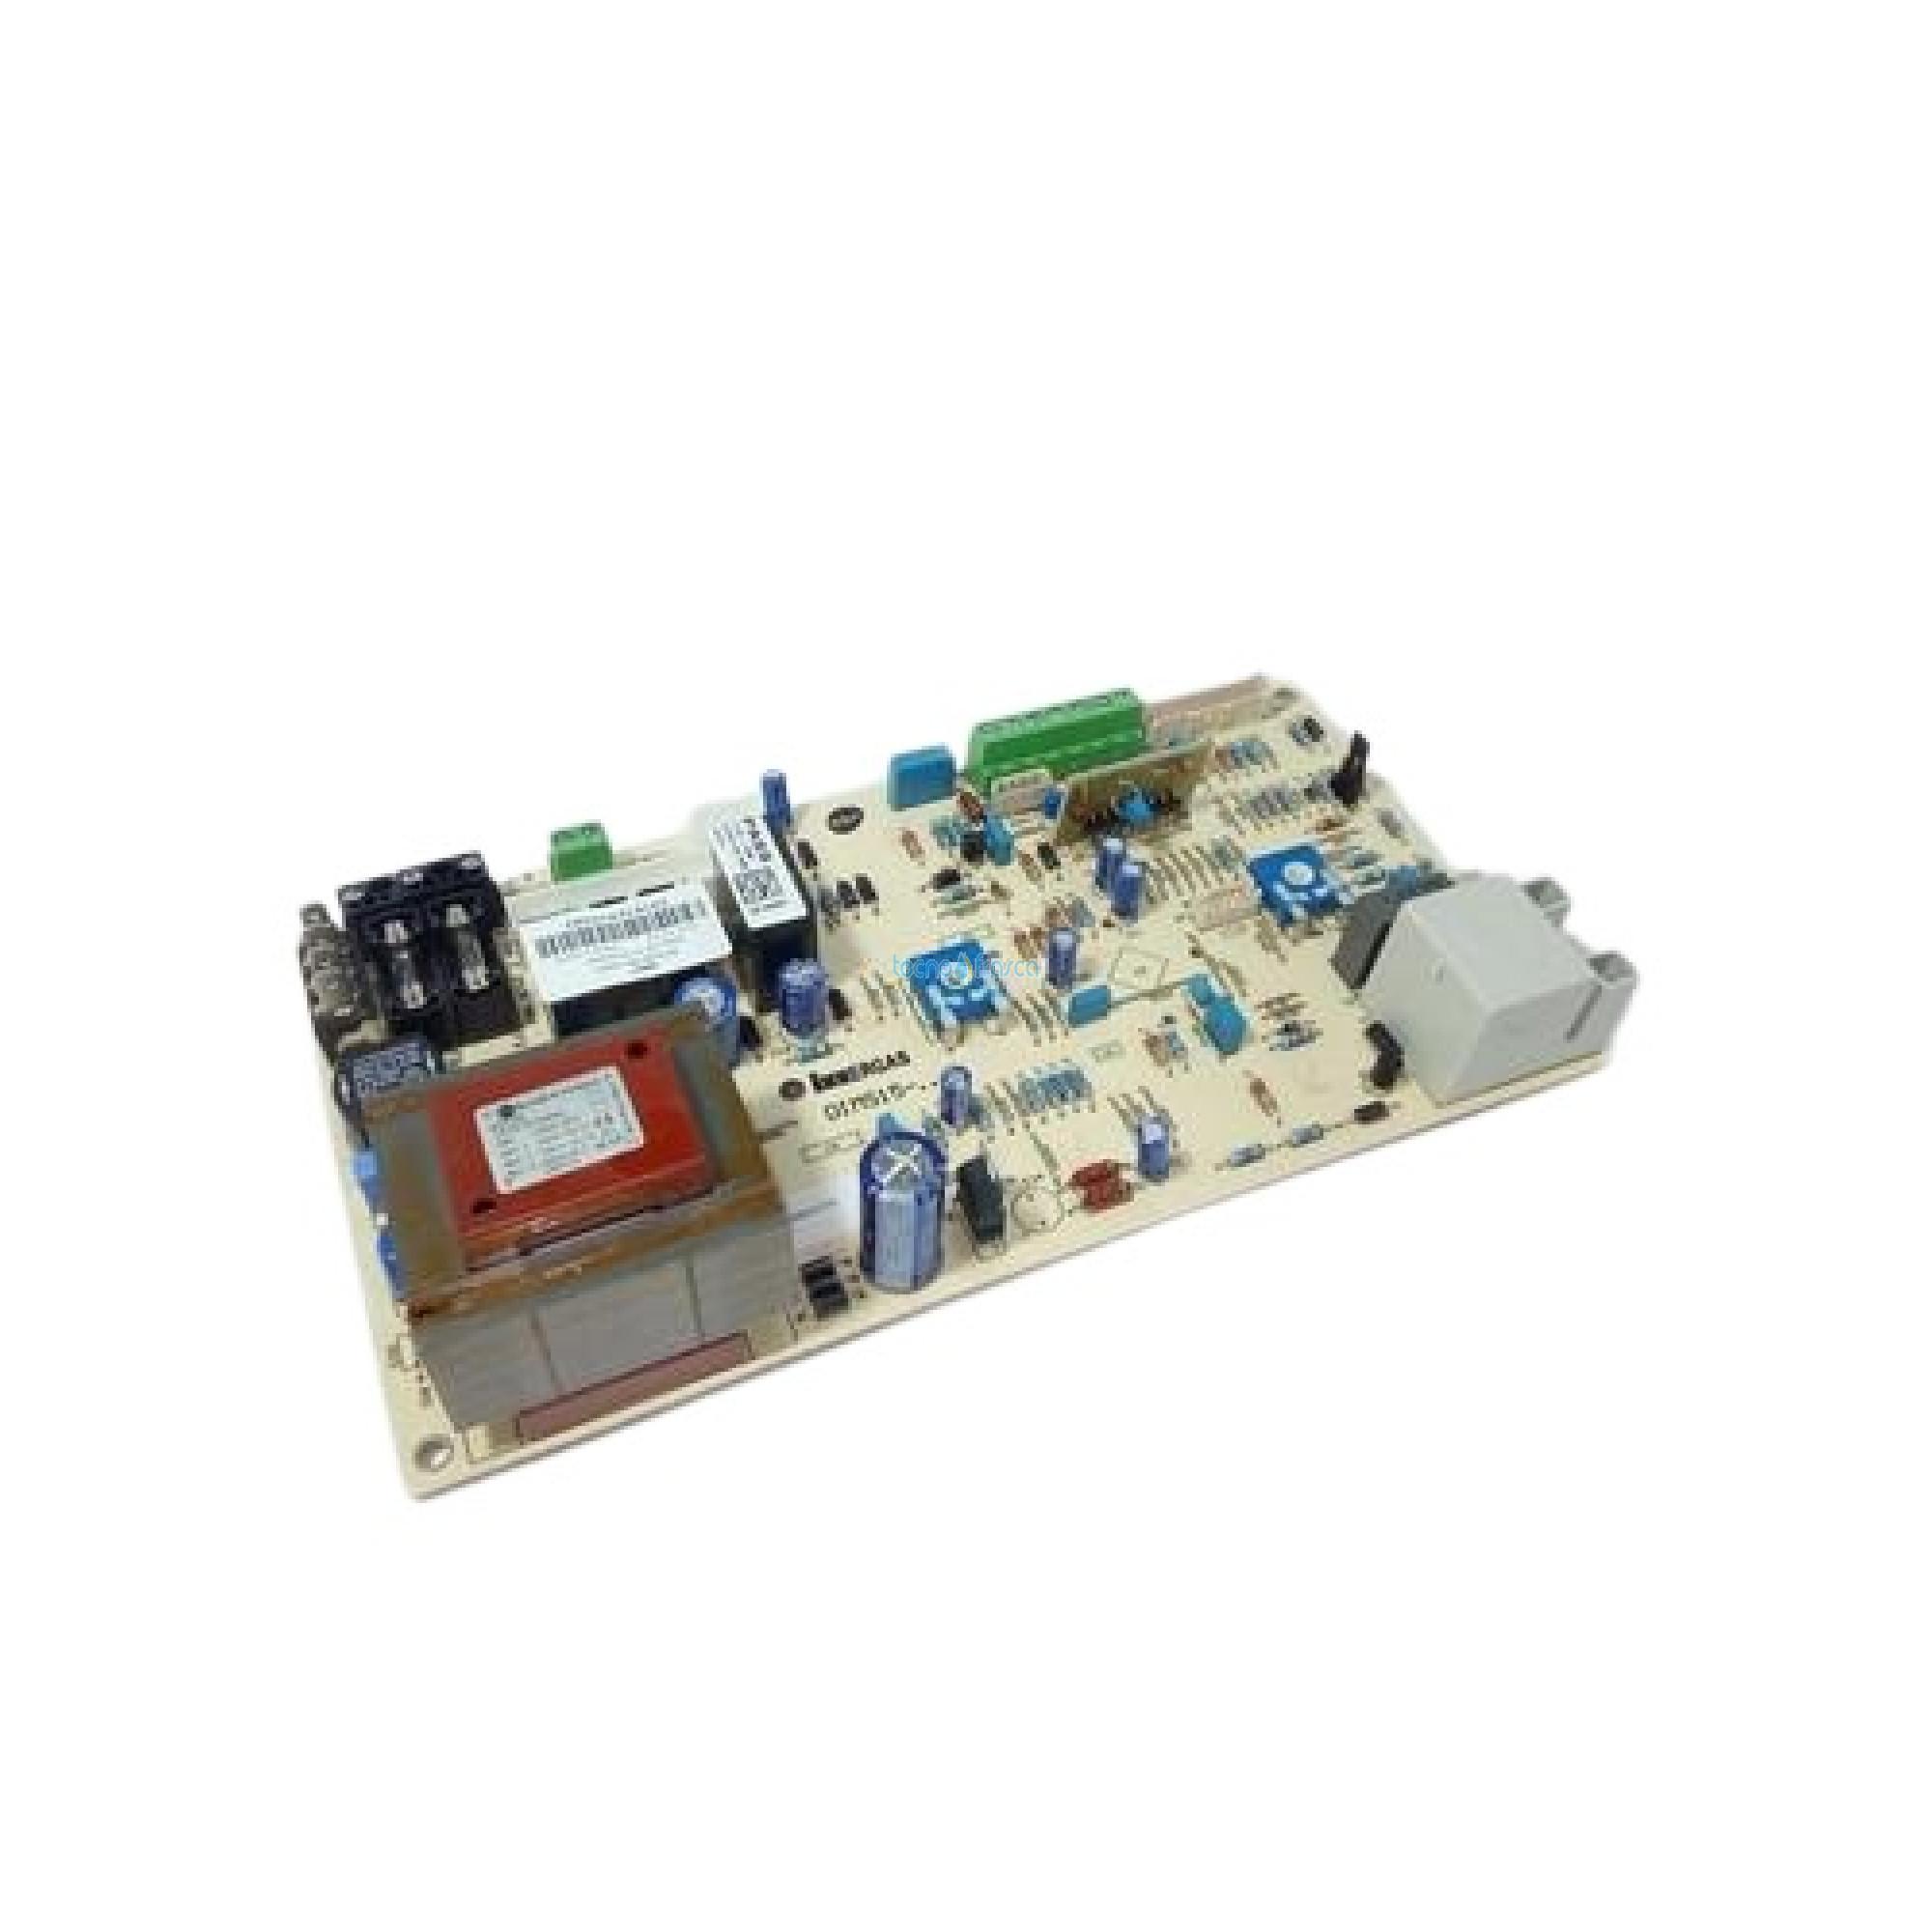 Immergas scheda di accensione nike/eolo mini 24 kw 1.031751